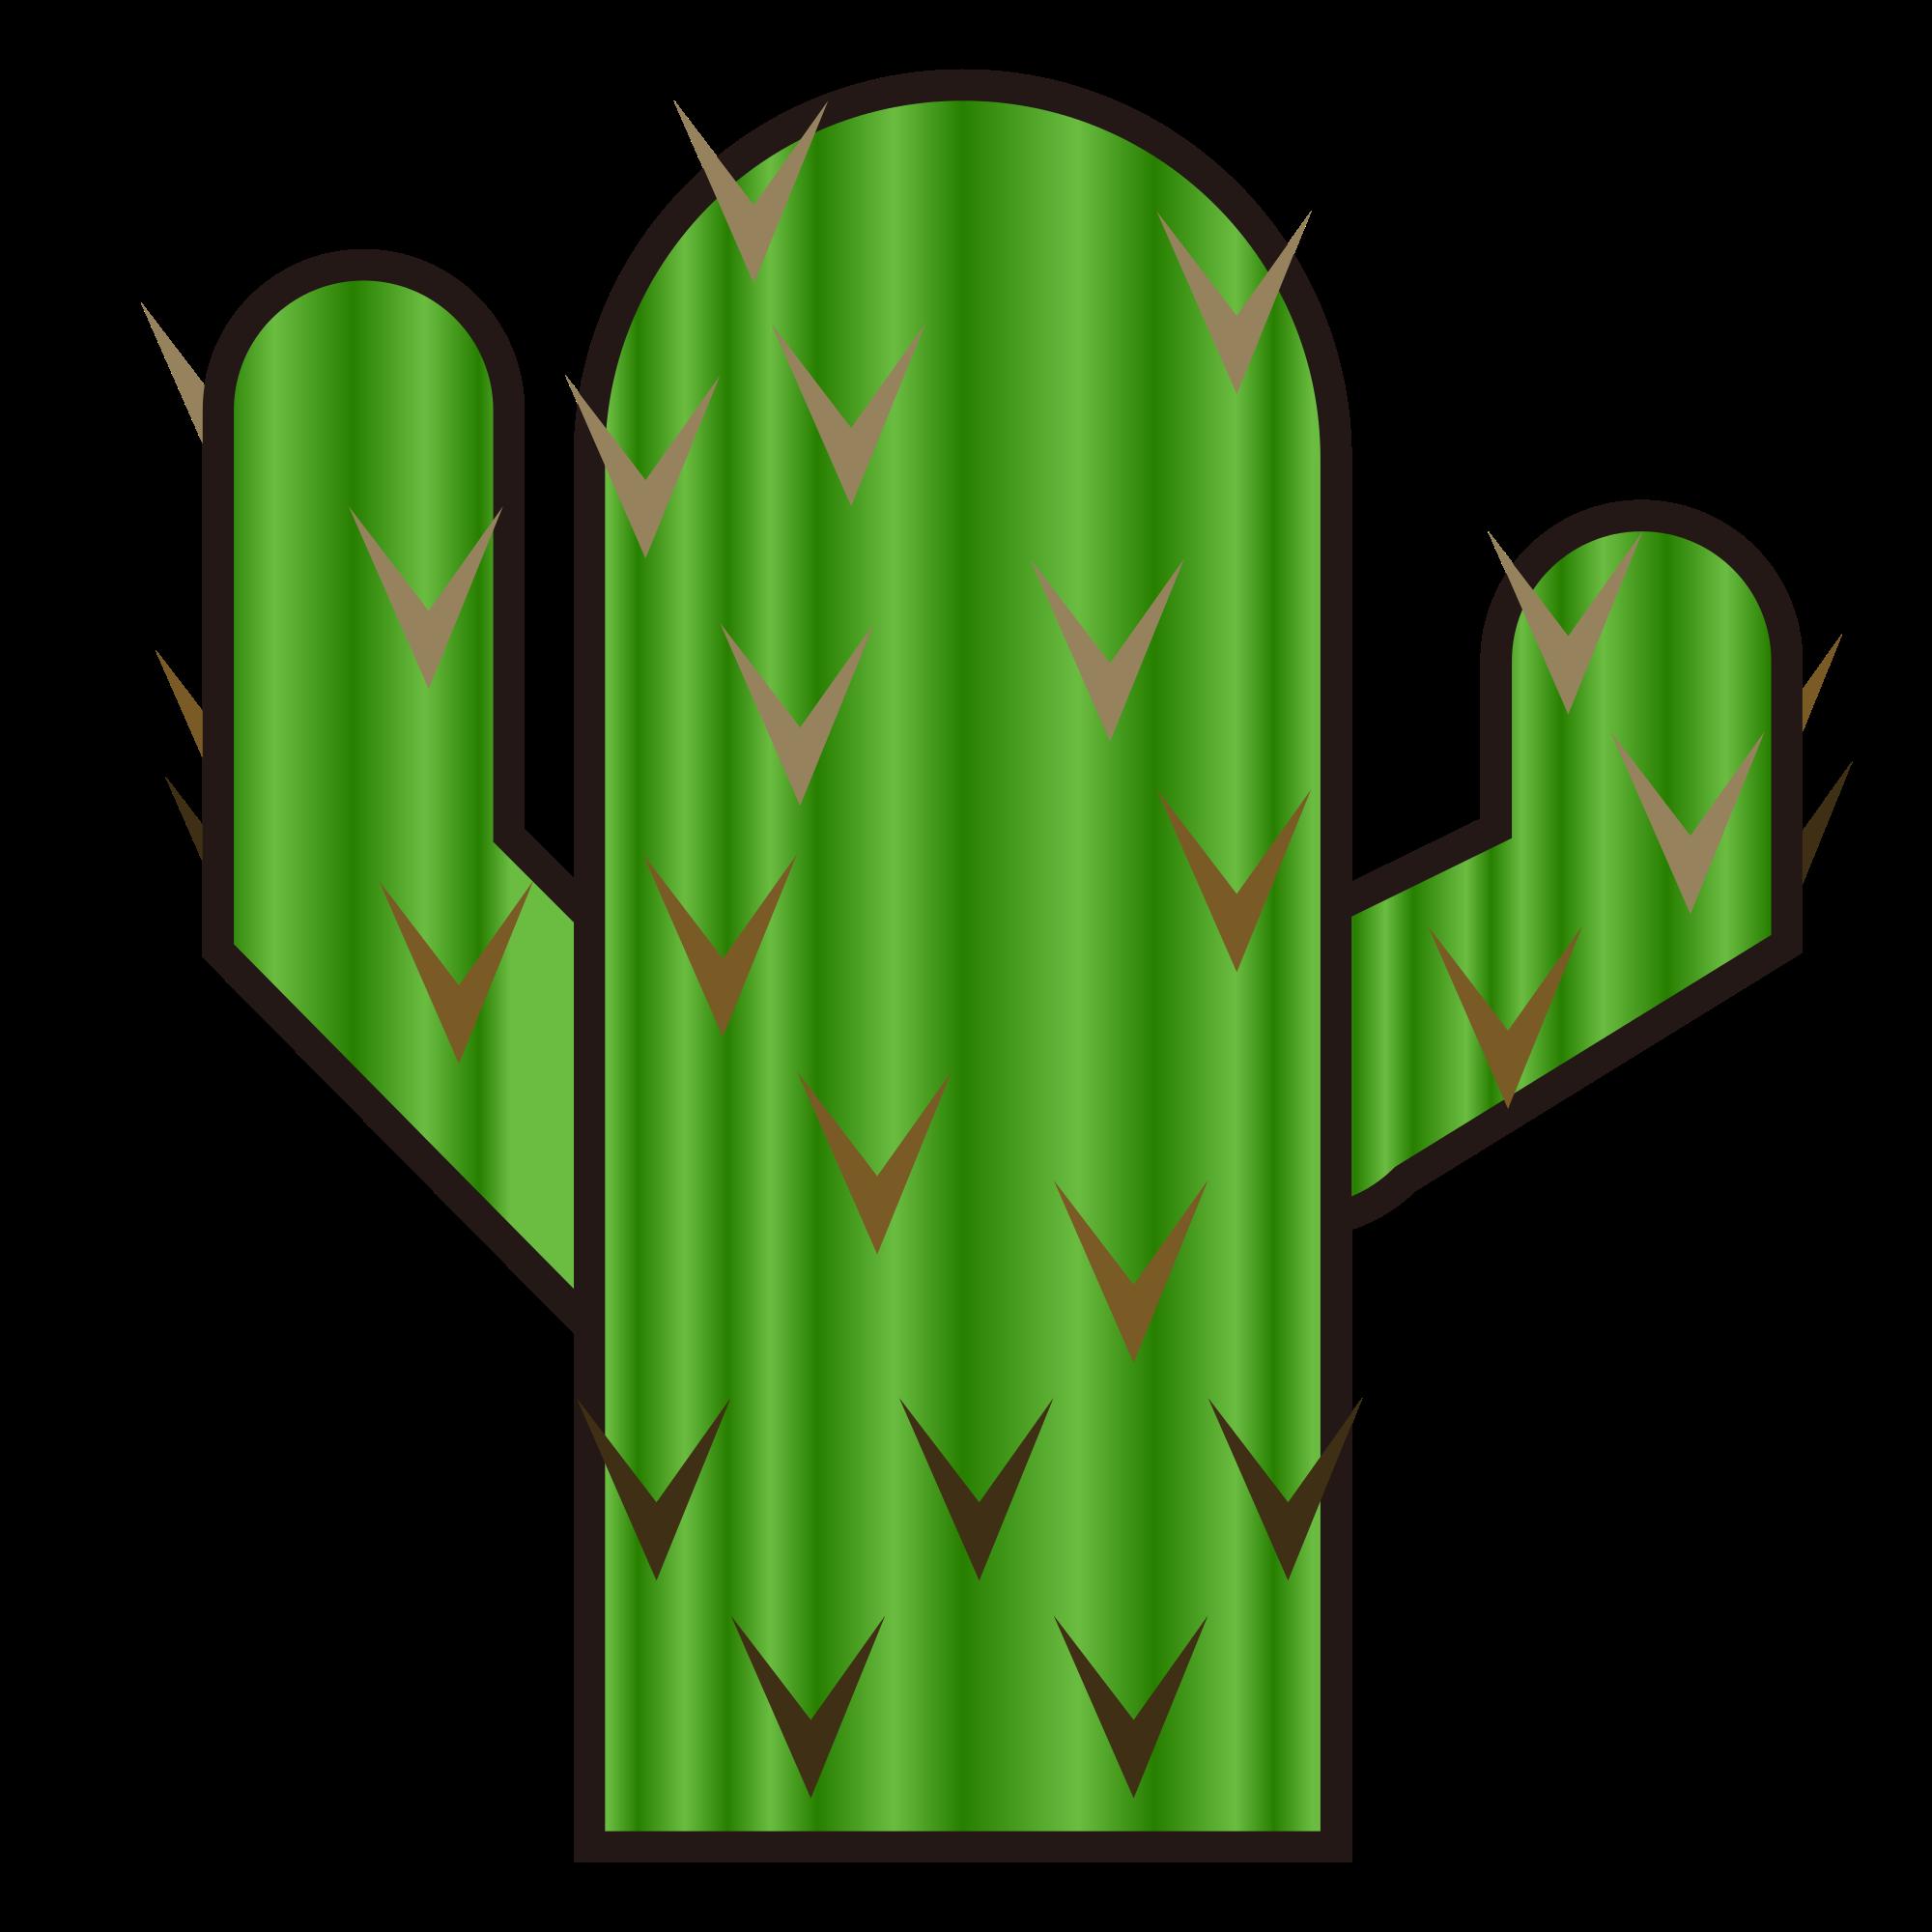 Cactus svg #6, Download drawings